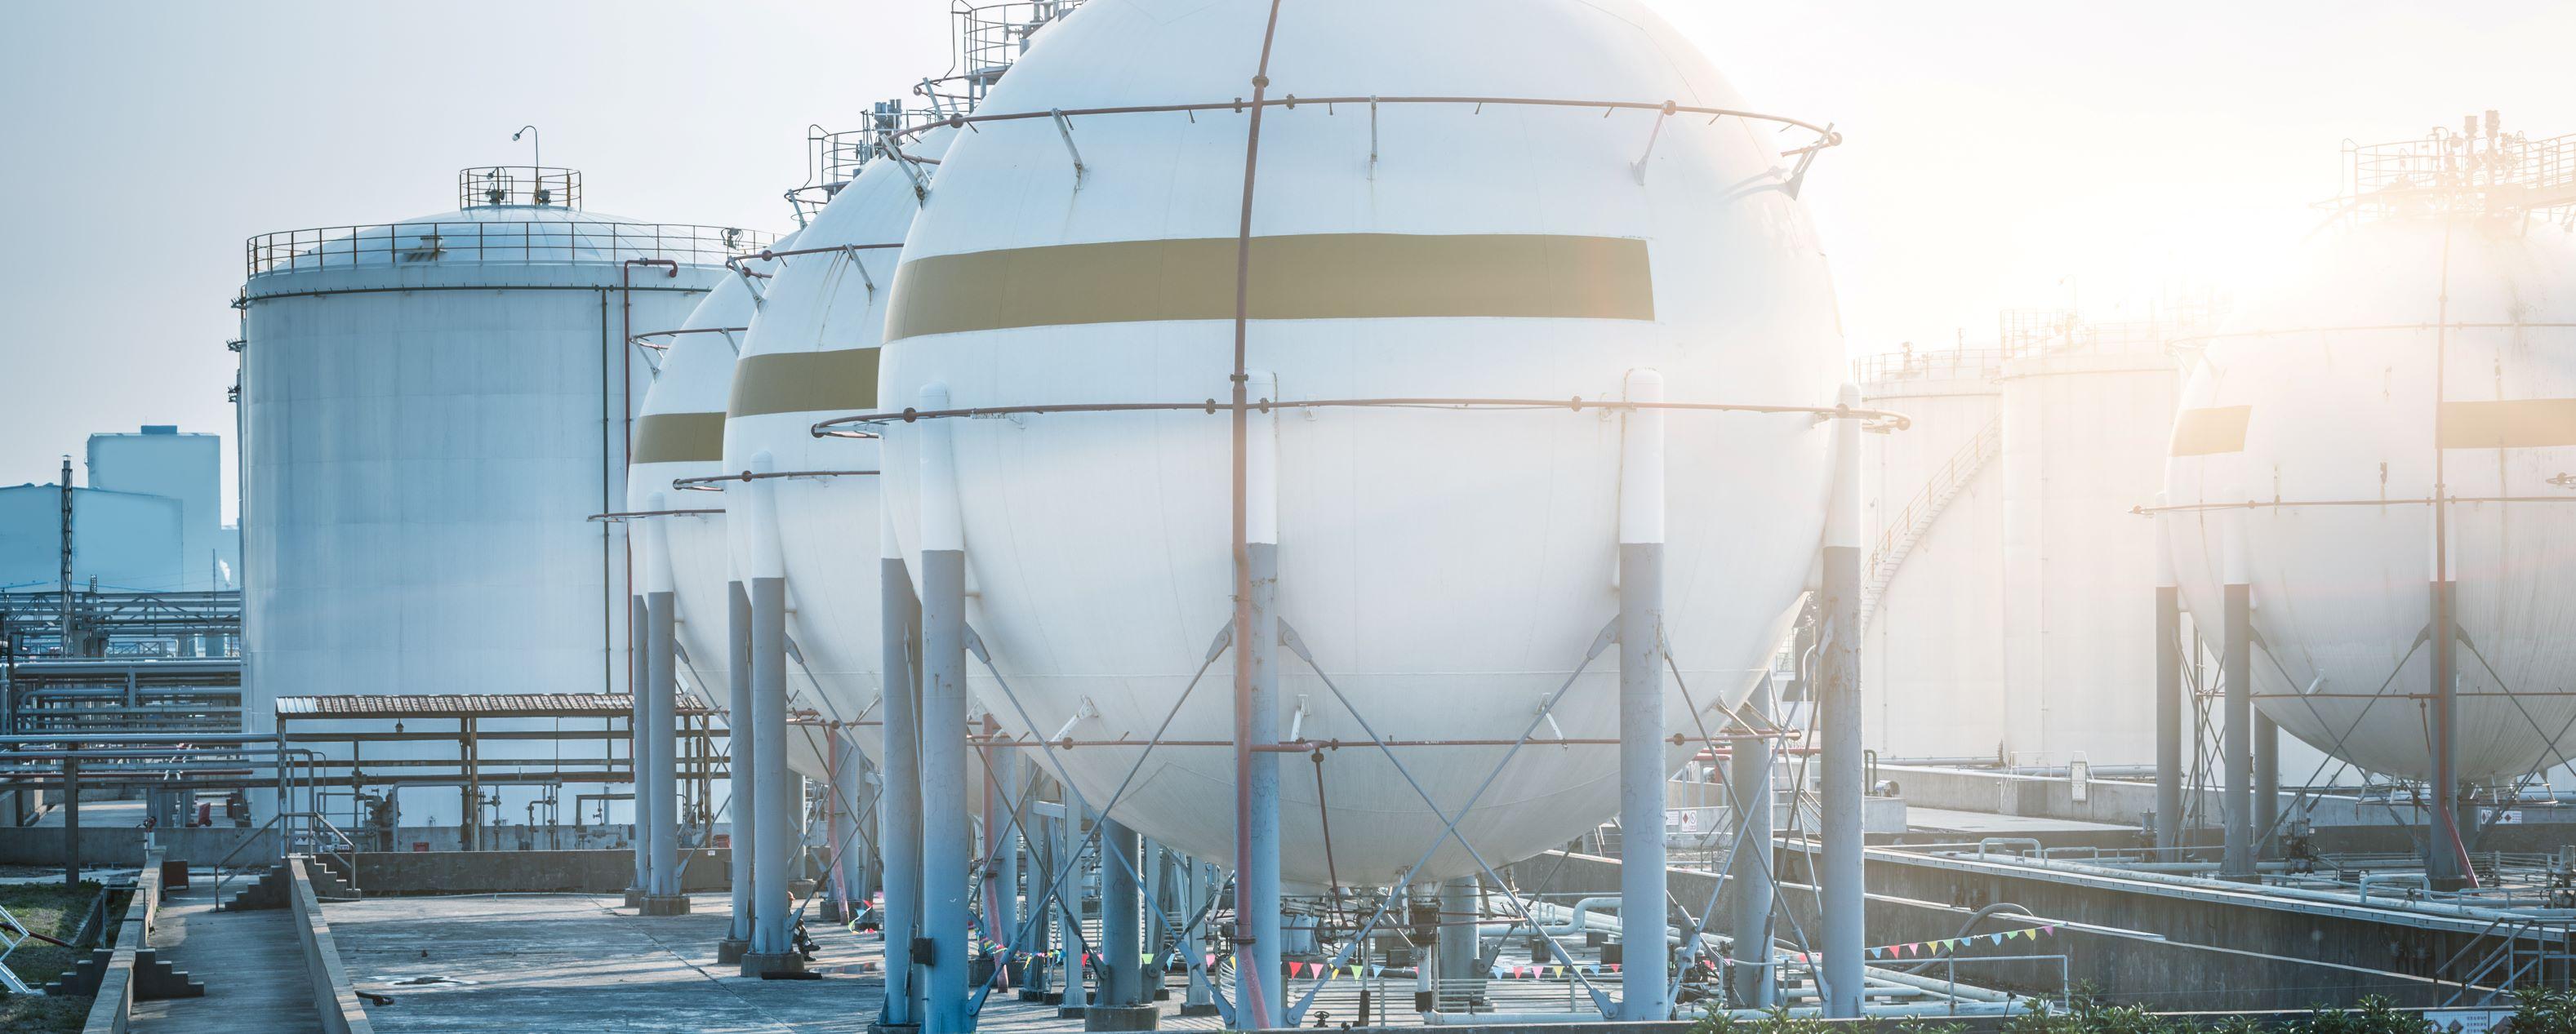 Nuovi adempimenti: depositi prodotti energetici e distributori carburanti